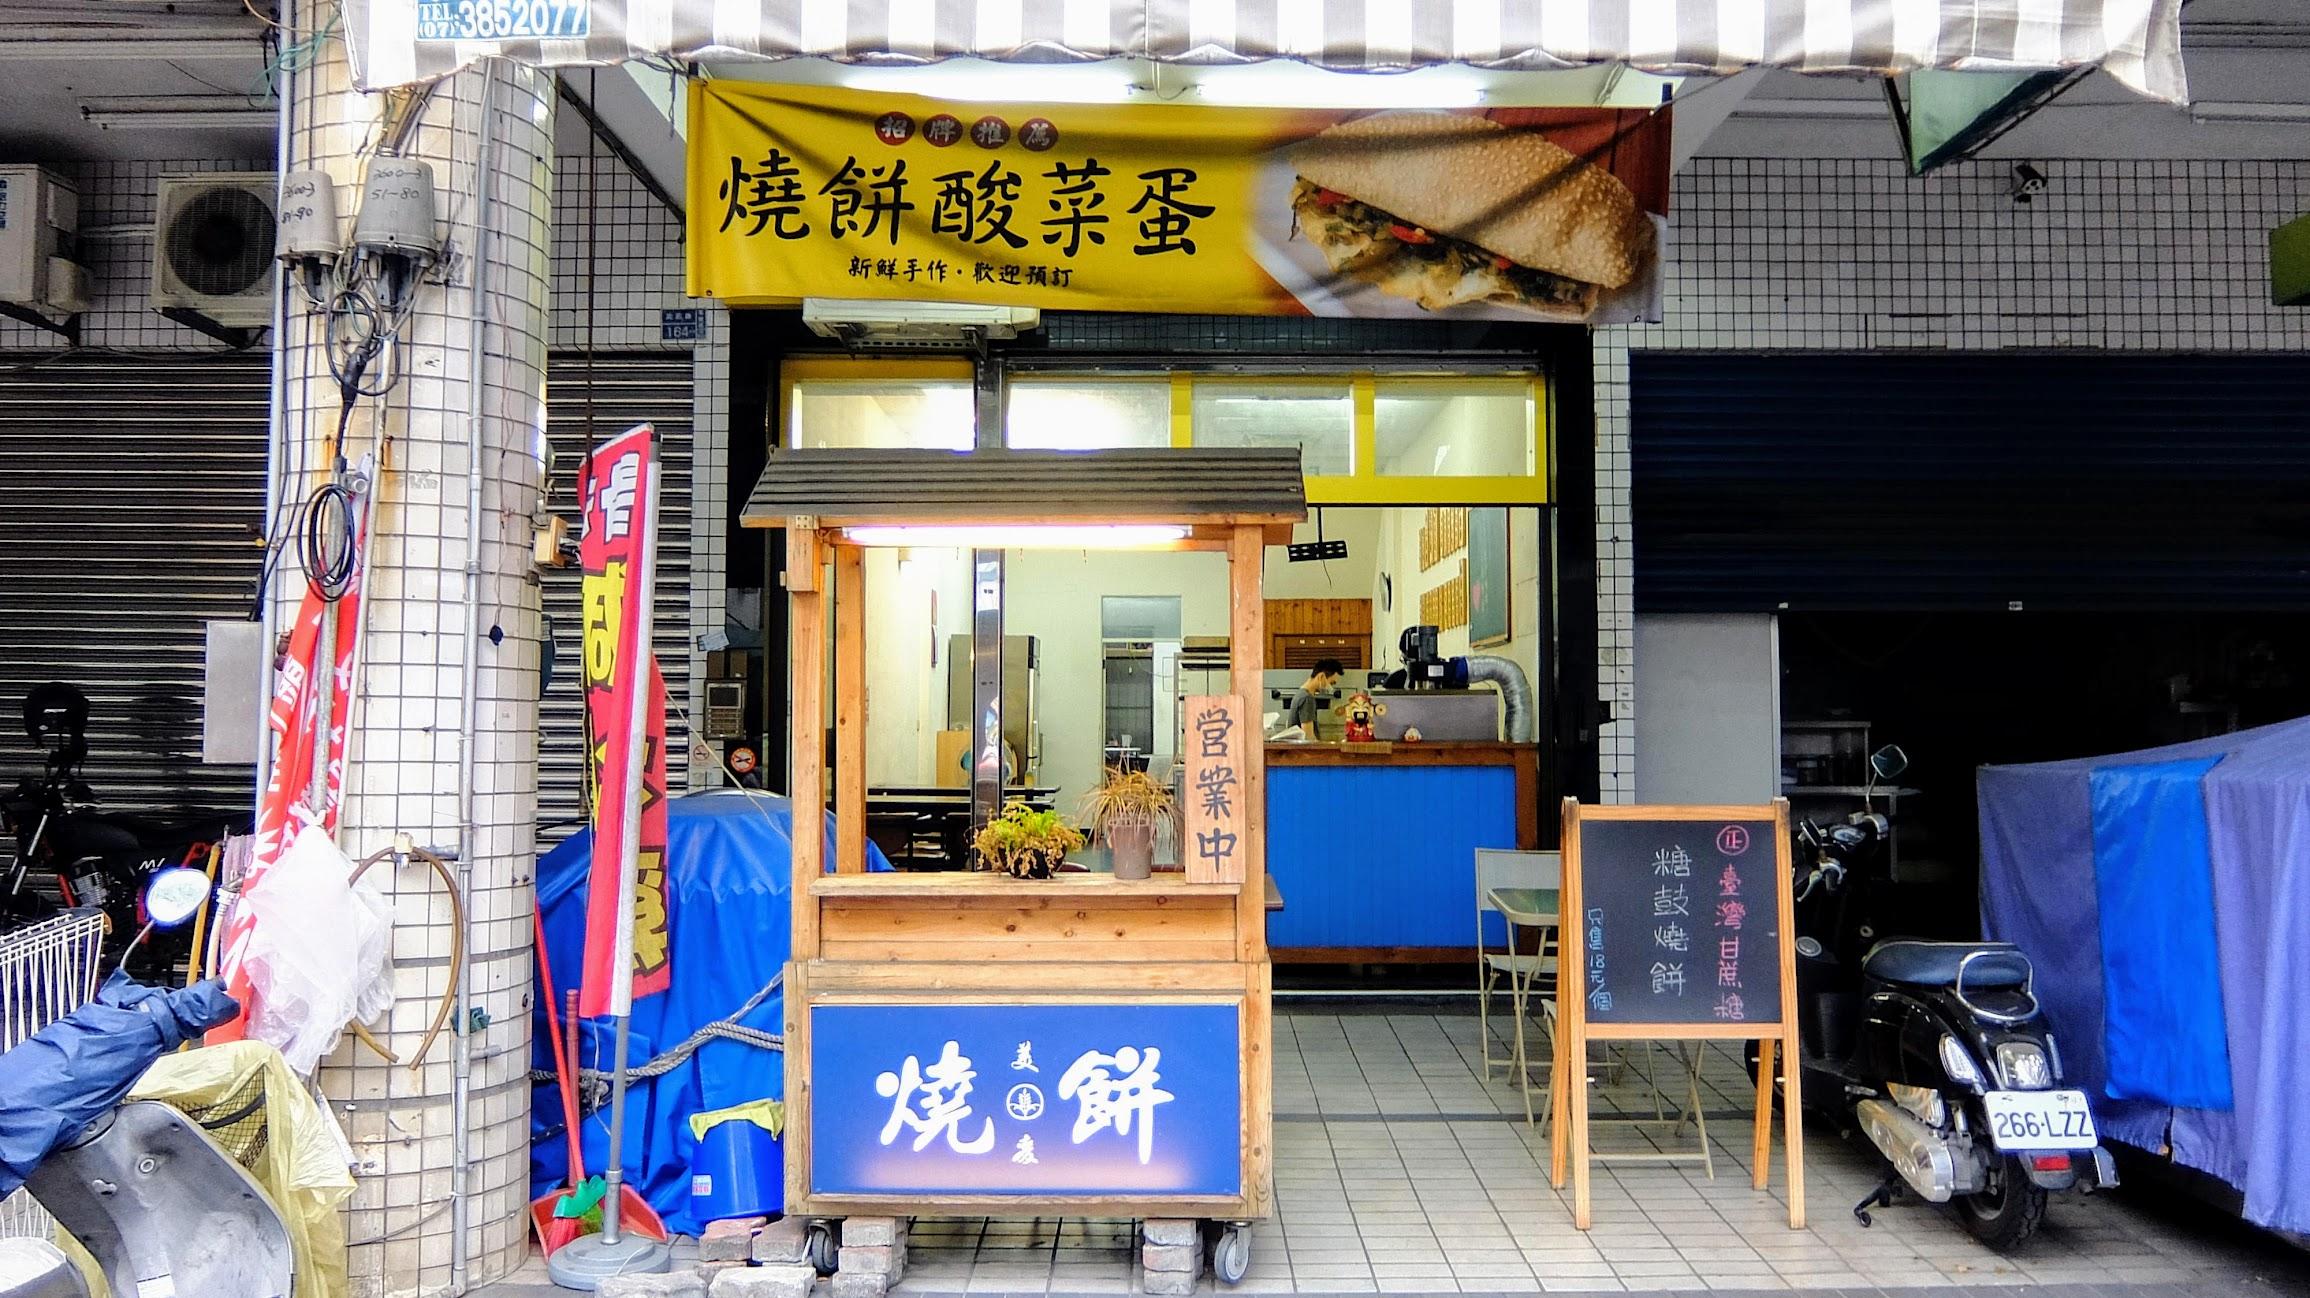 晨光食堂,在武廟路上,小小的店面,前面這個小攤子比較起眼